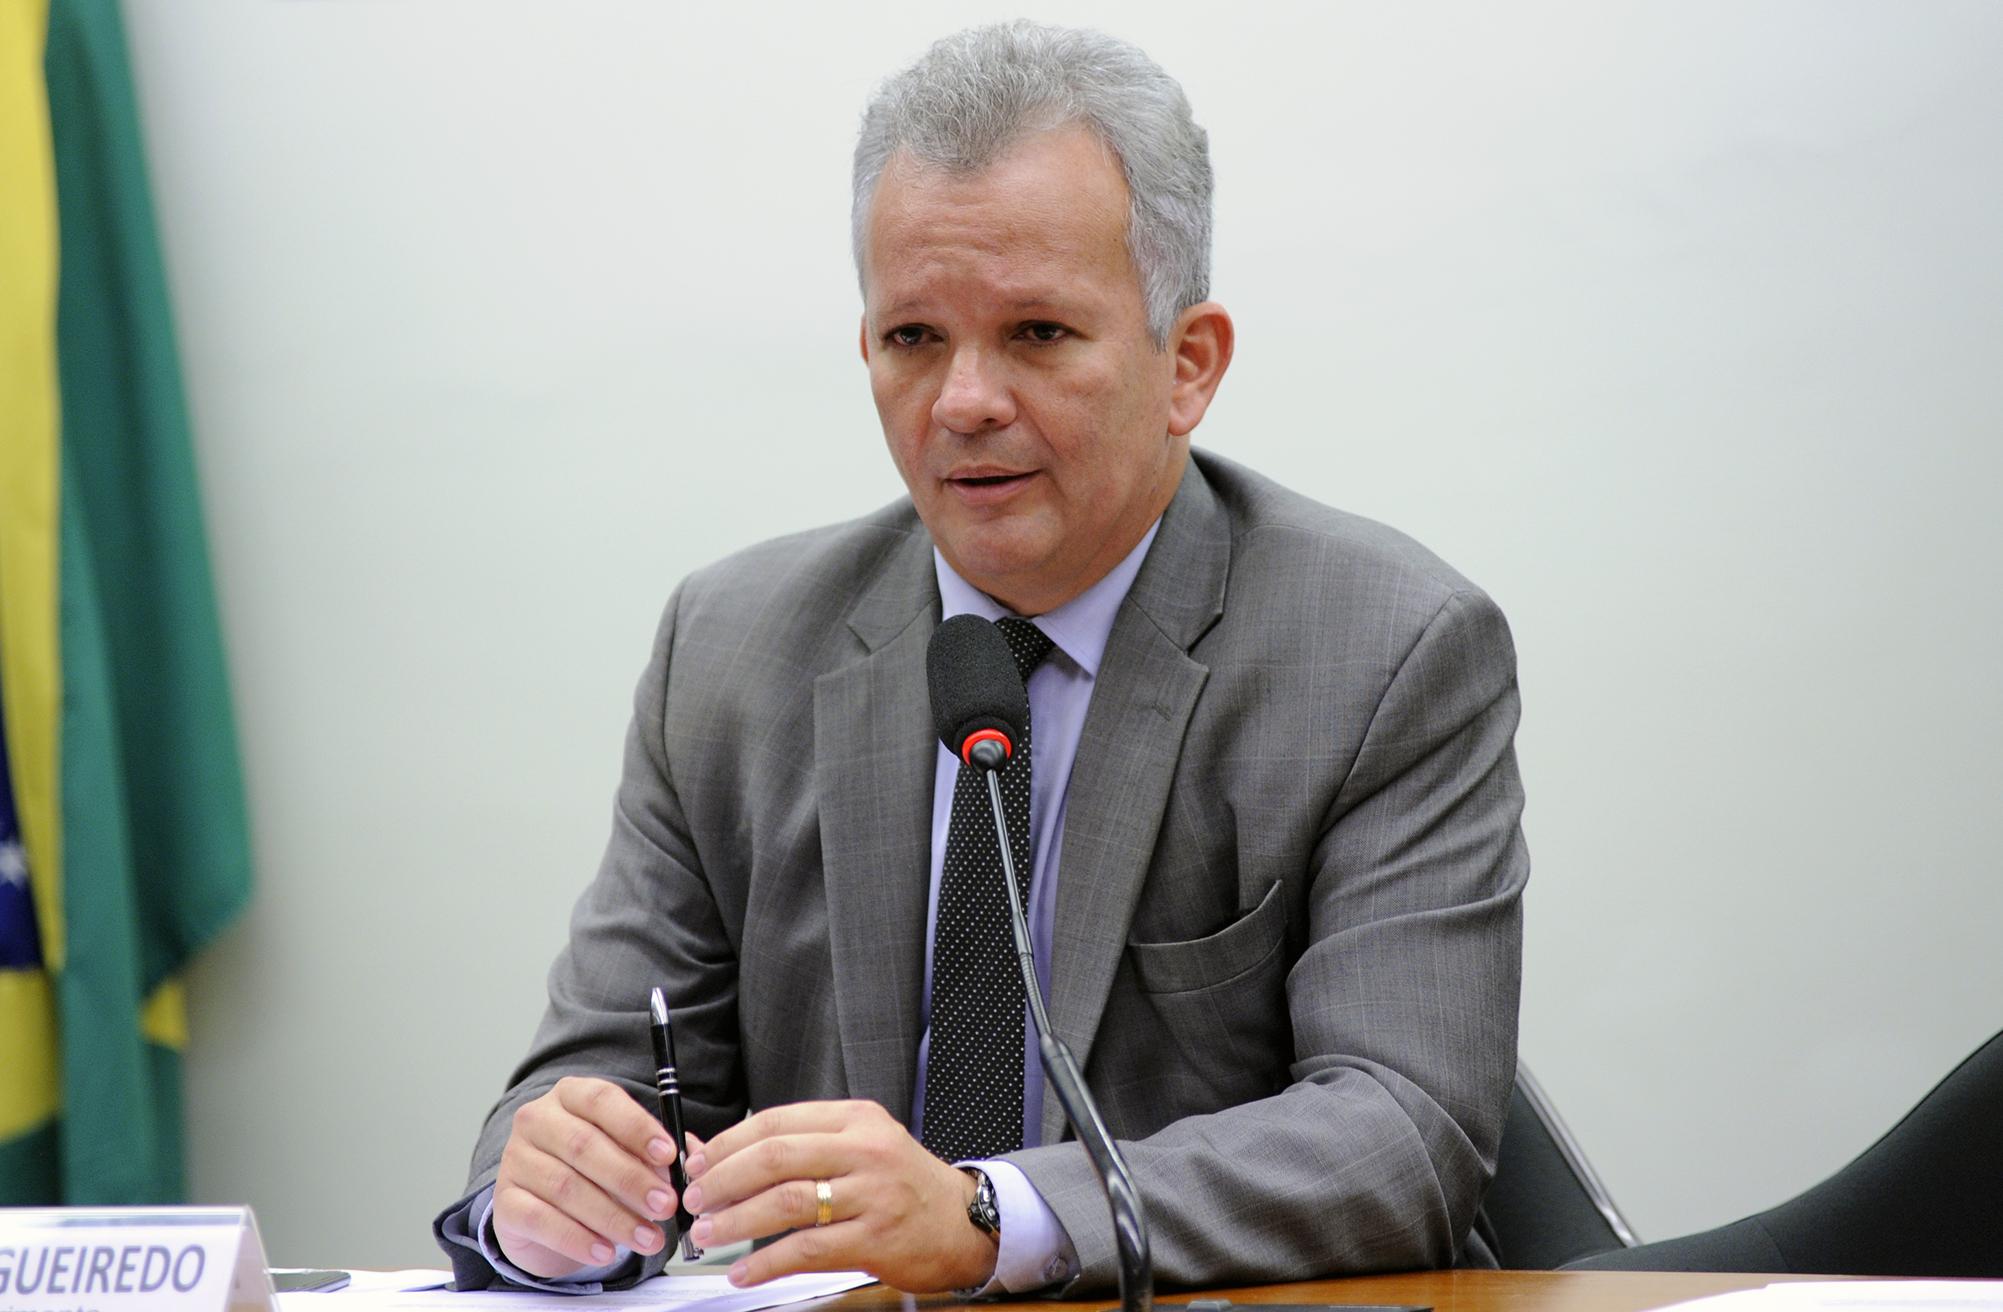 Seminário sobre o jogo Baleia Azul. Dep. André Figueiredo (PDT - CE)